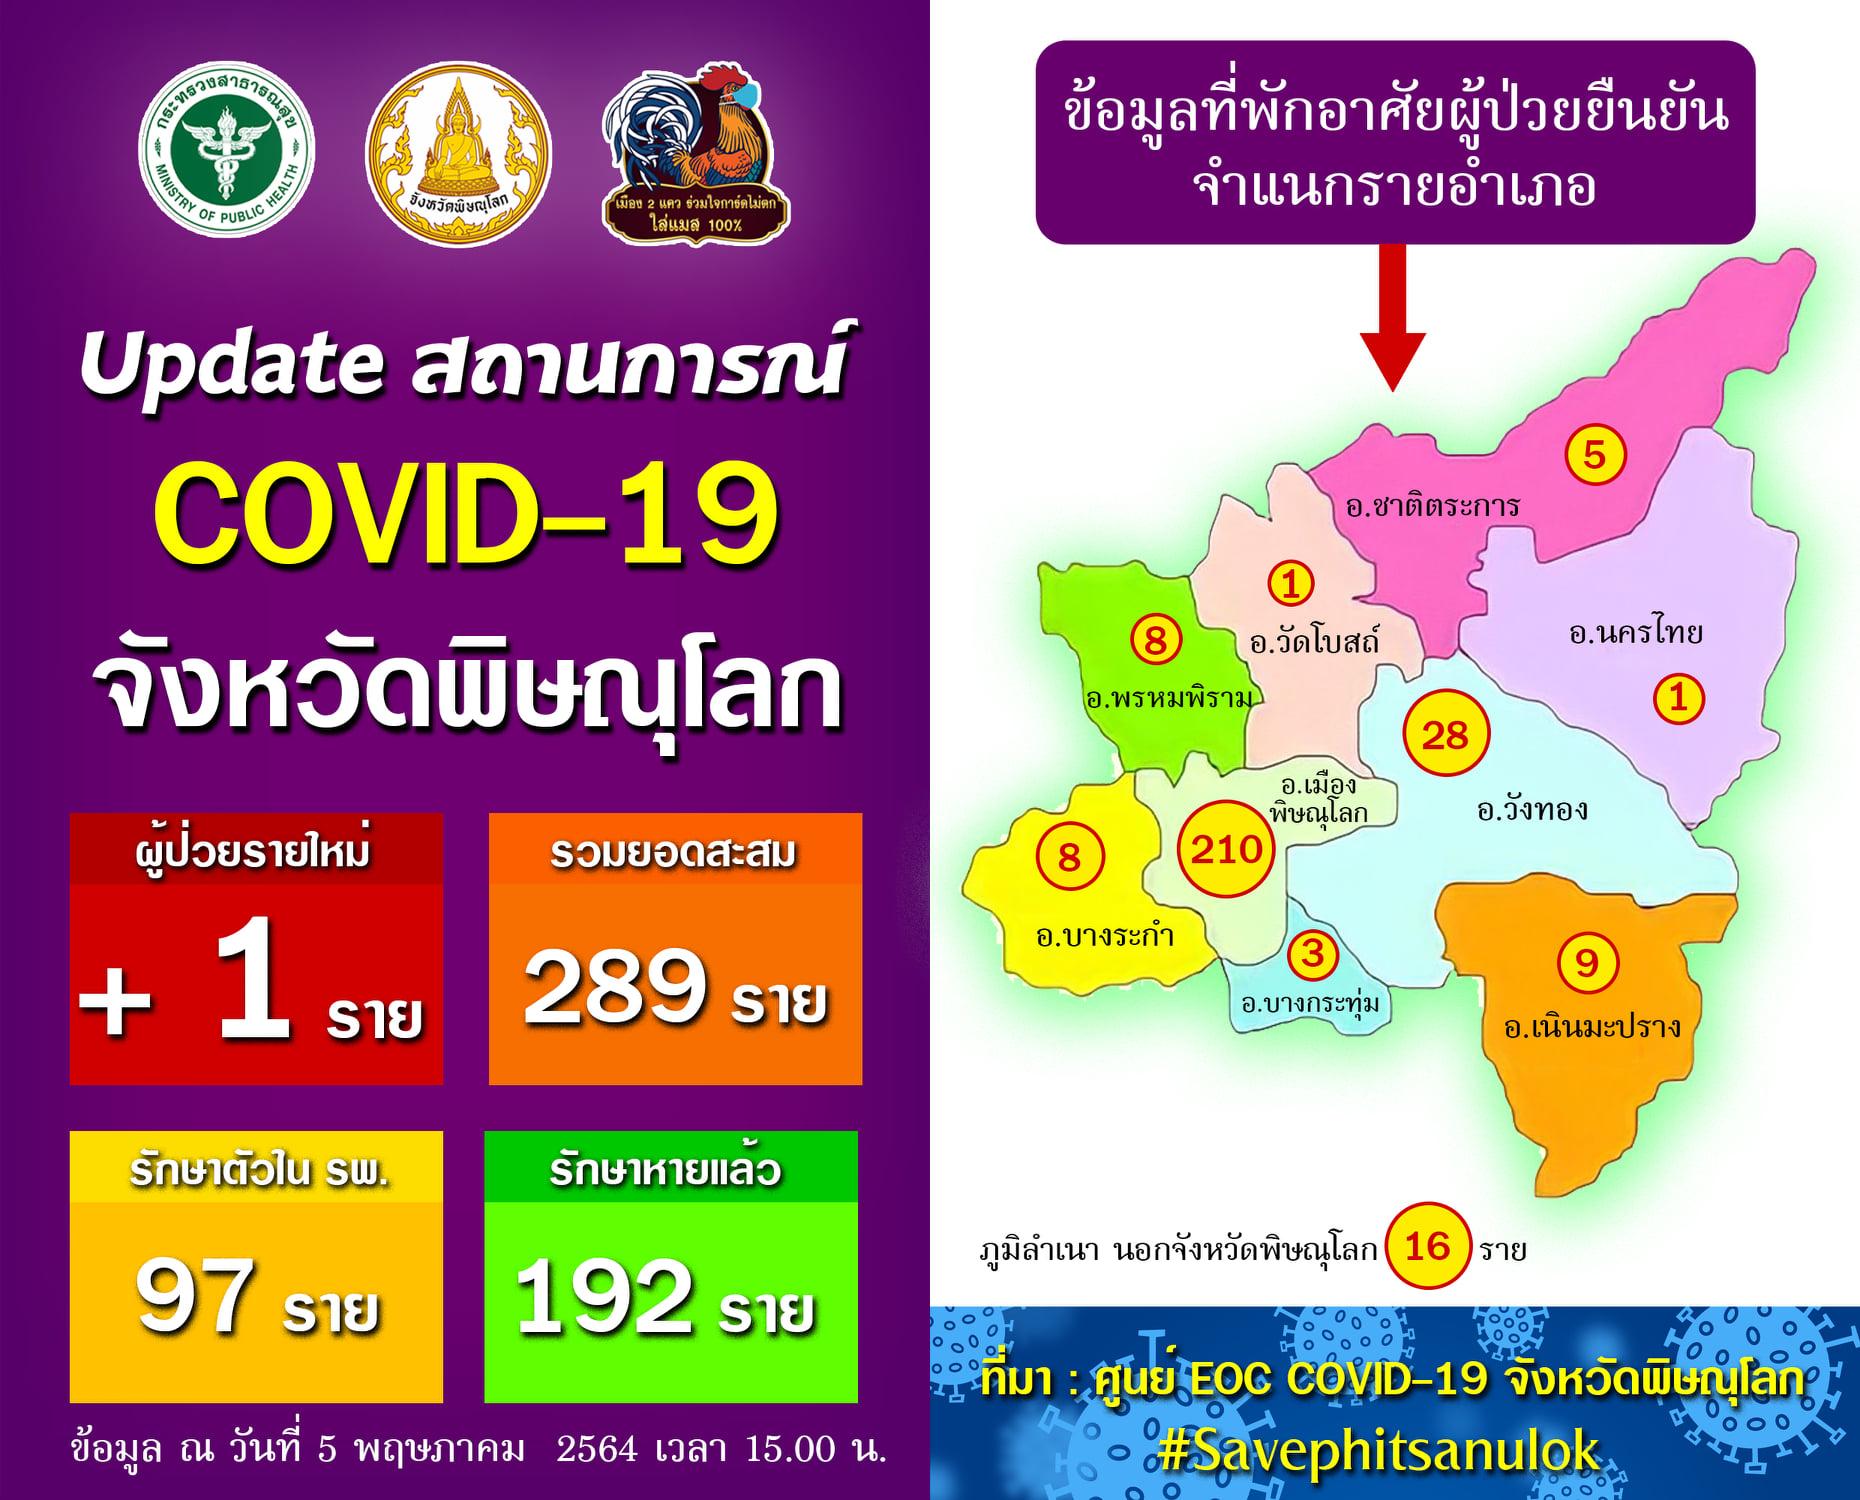 สถานการณ์โควิด-19 จังหวัดพิษณุโลก วันที่ 5 พฤษภาคม 2564